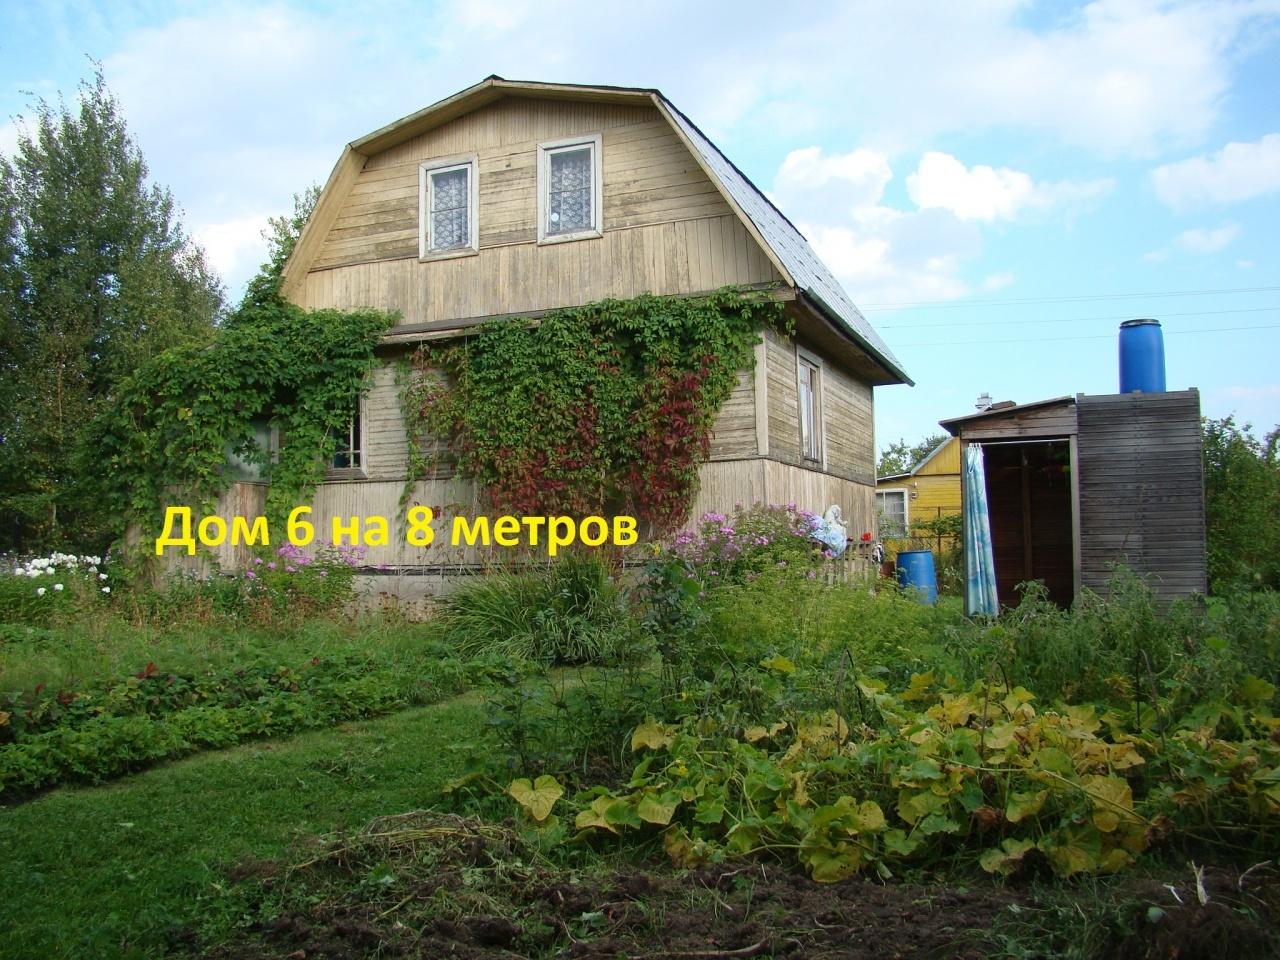 Продажа дачи всеволожский район садоводство северная самарка